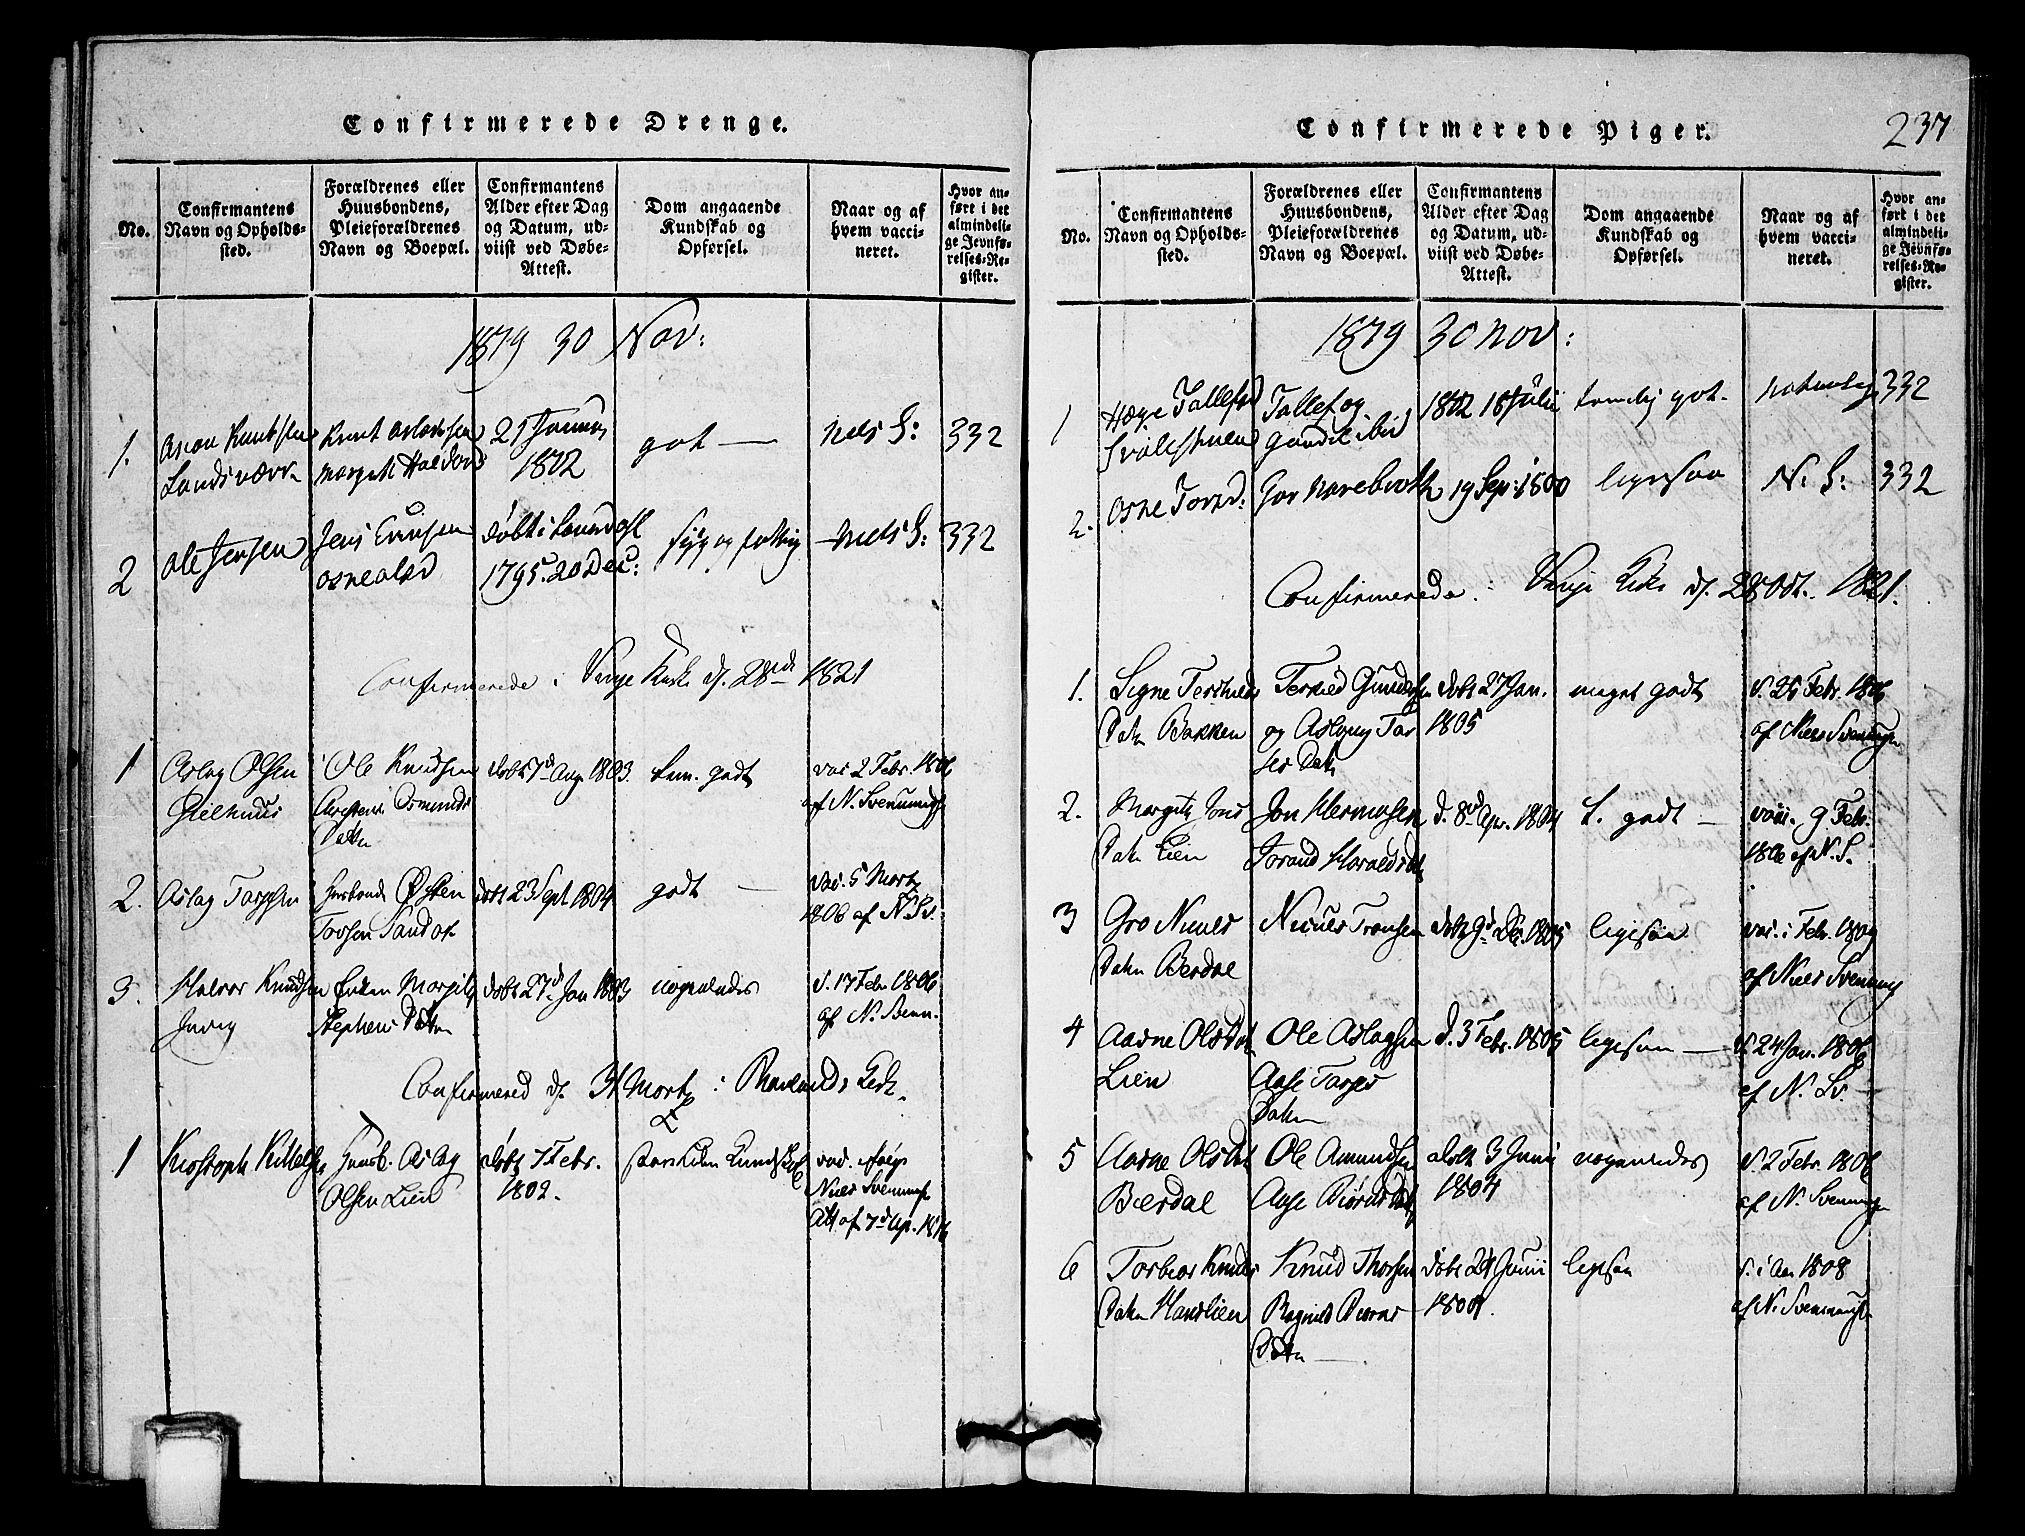 SAKO, Vinje kirkebøker, G/Gb/L0001: Klokkerbok nr. II 1, 1814-1843, s. 237